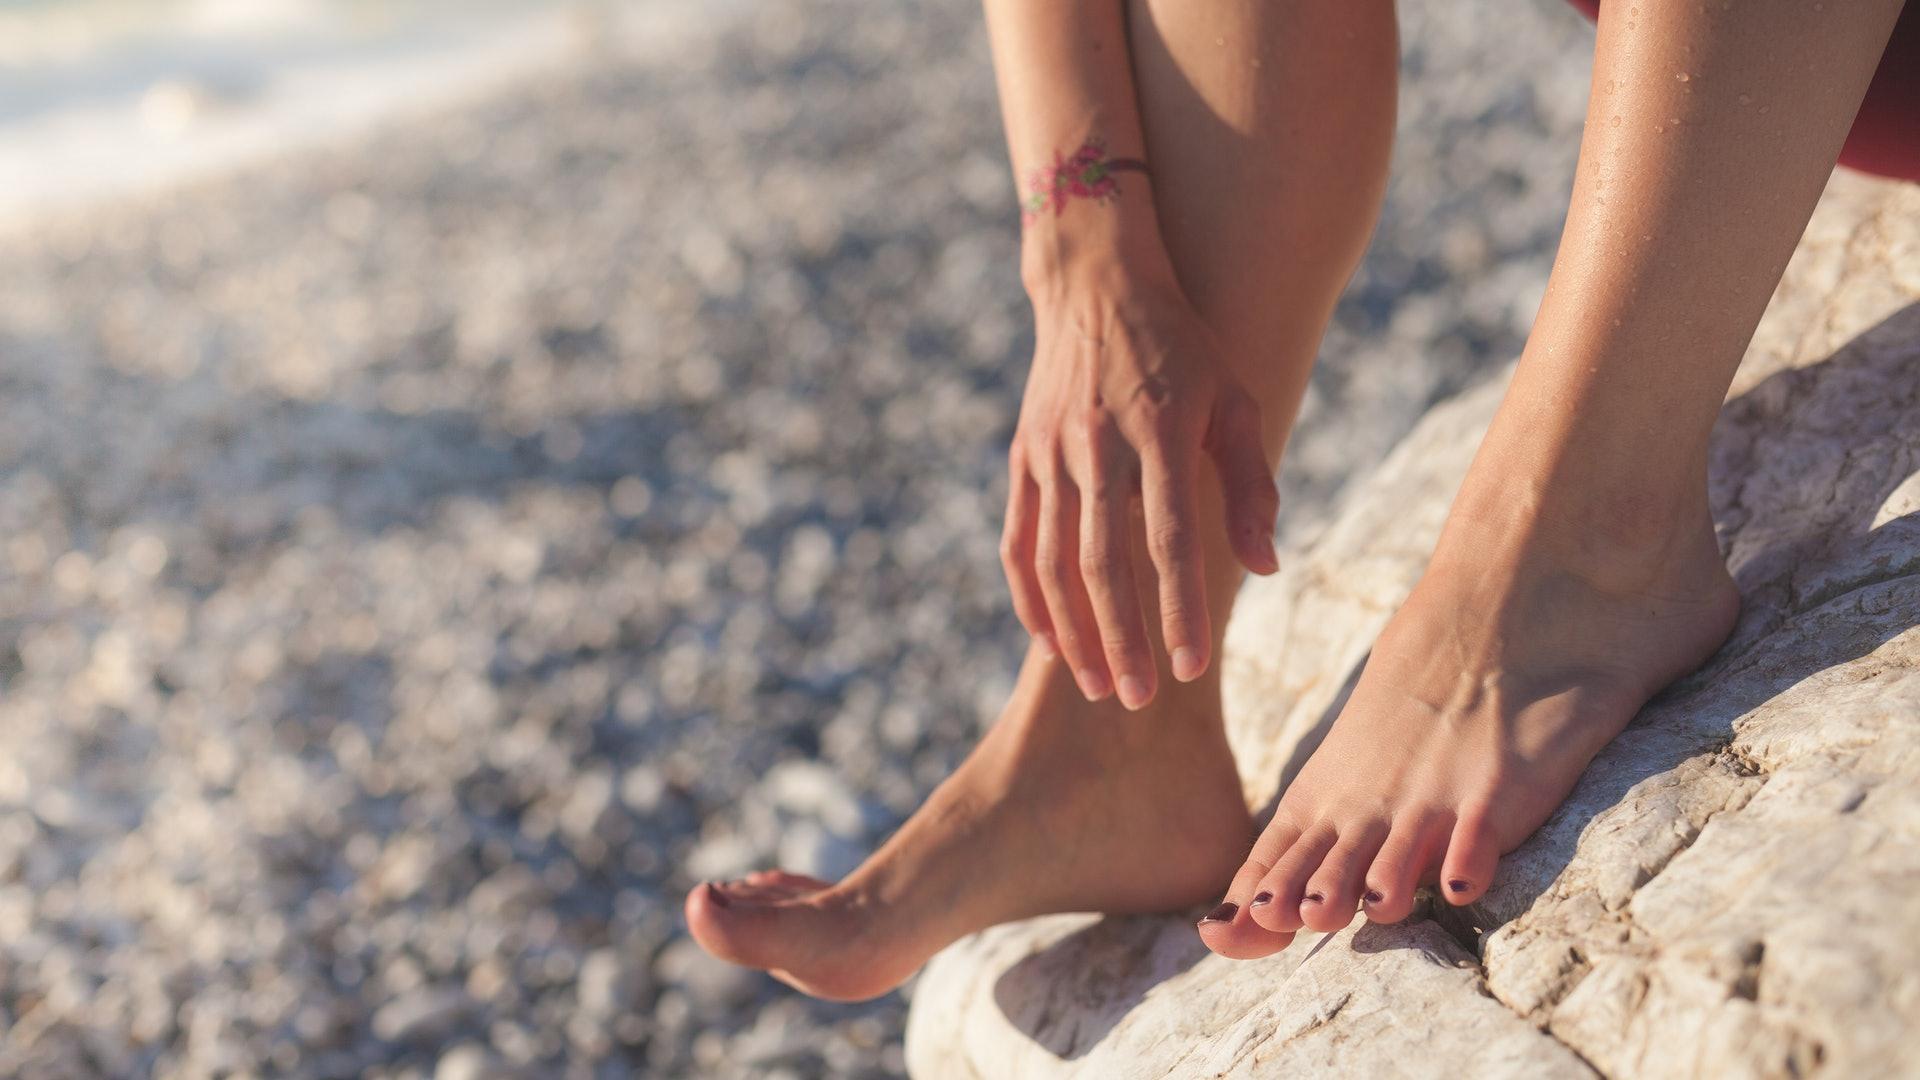 腳氣又稱為香港腳,屬於可傳染的皮膚病,尤其在潮濕天氣容易發作。(Jan Romero/unsplash)